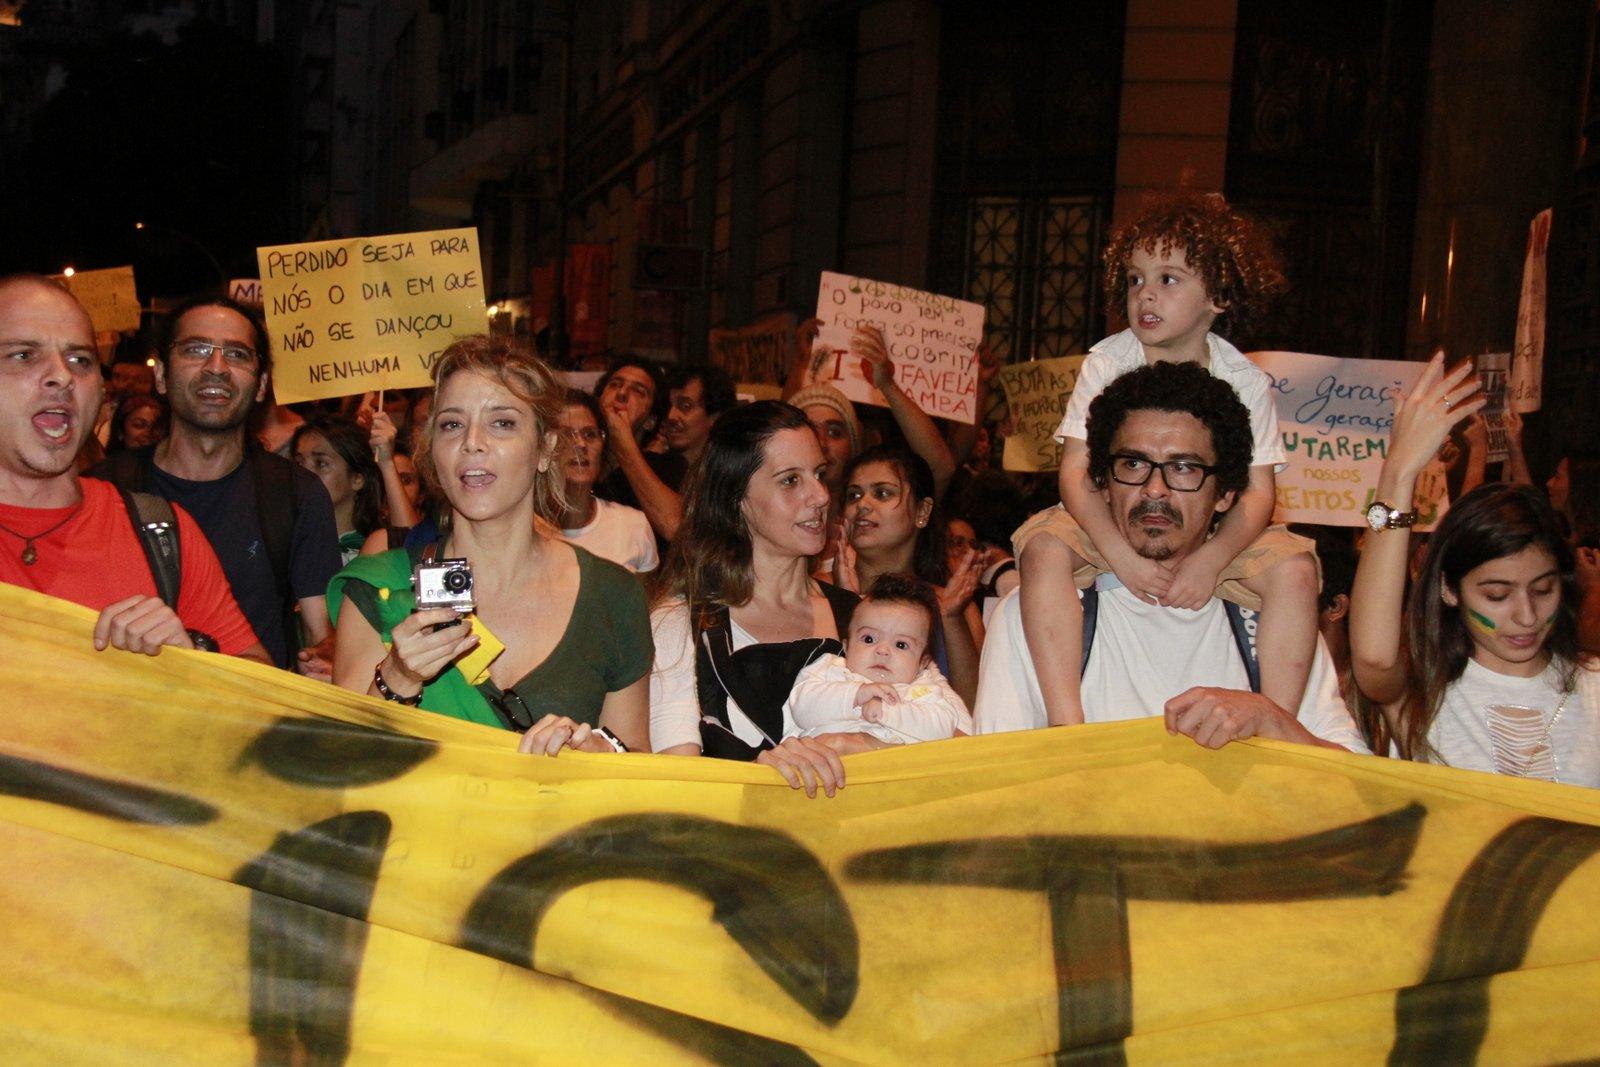 A atriz Christine Fernandes segurando a faixa de protesto